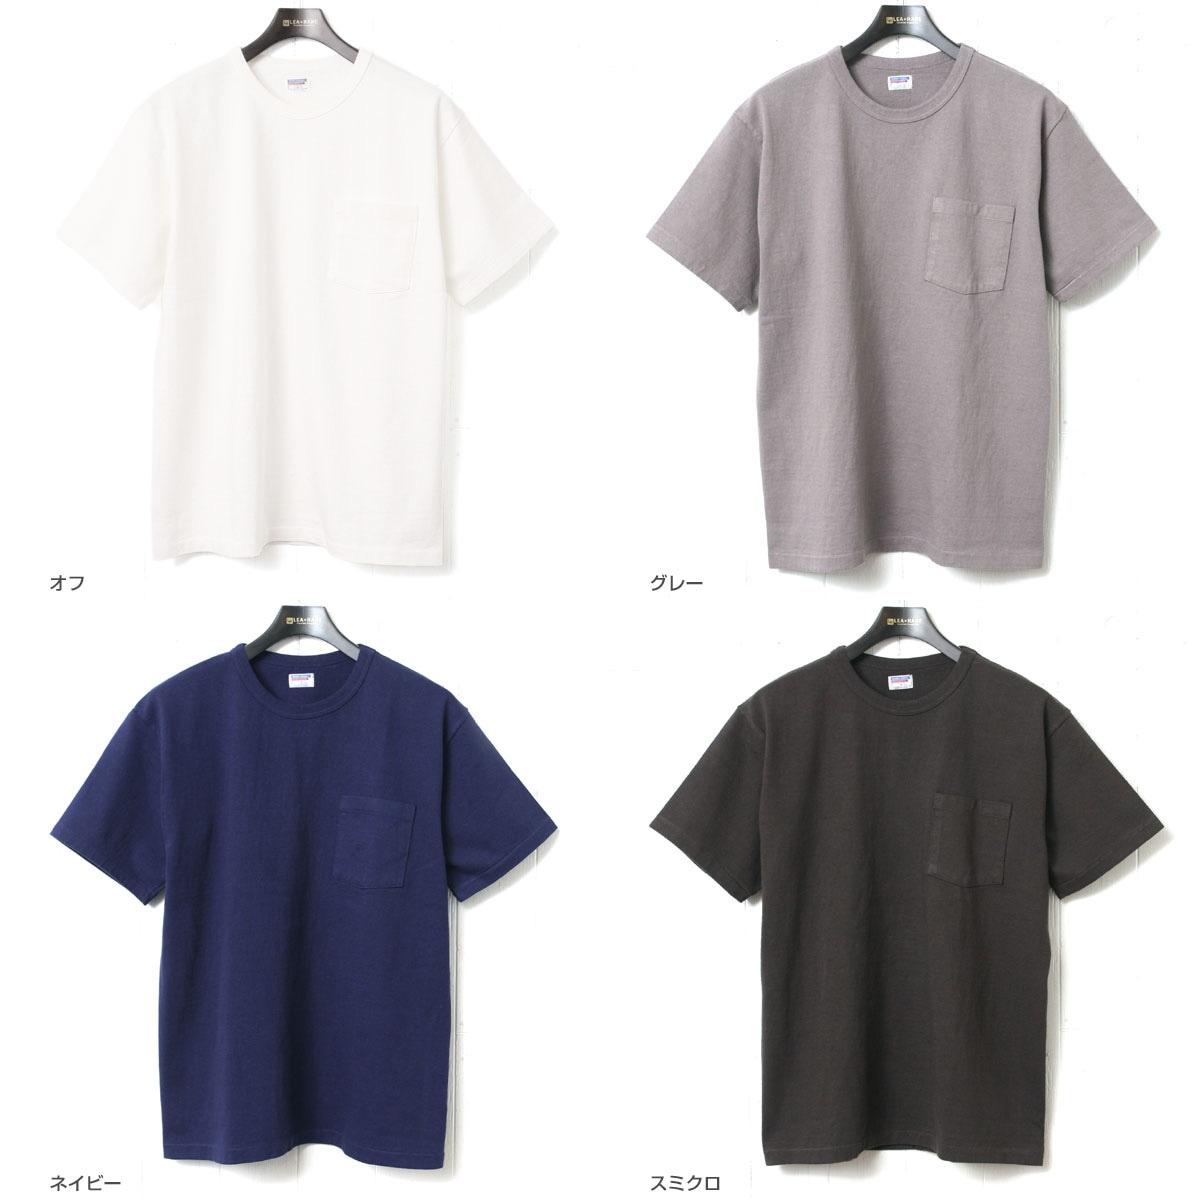 ダブルワークス ポケット付き度詰めTシャツ 無地 DUBBLEWORKS 37002